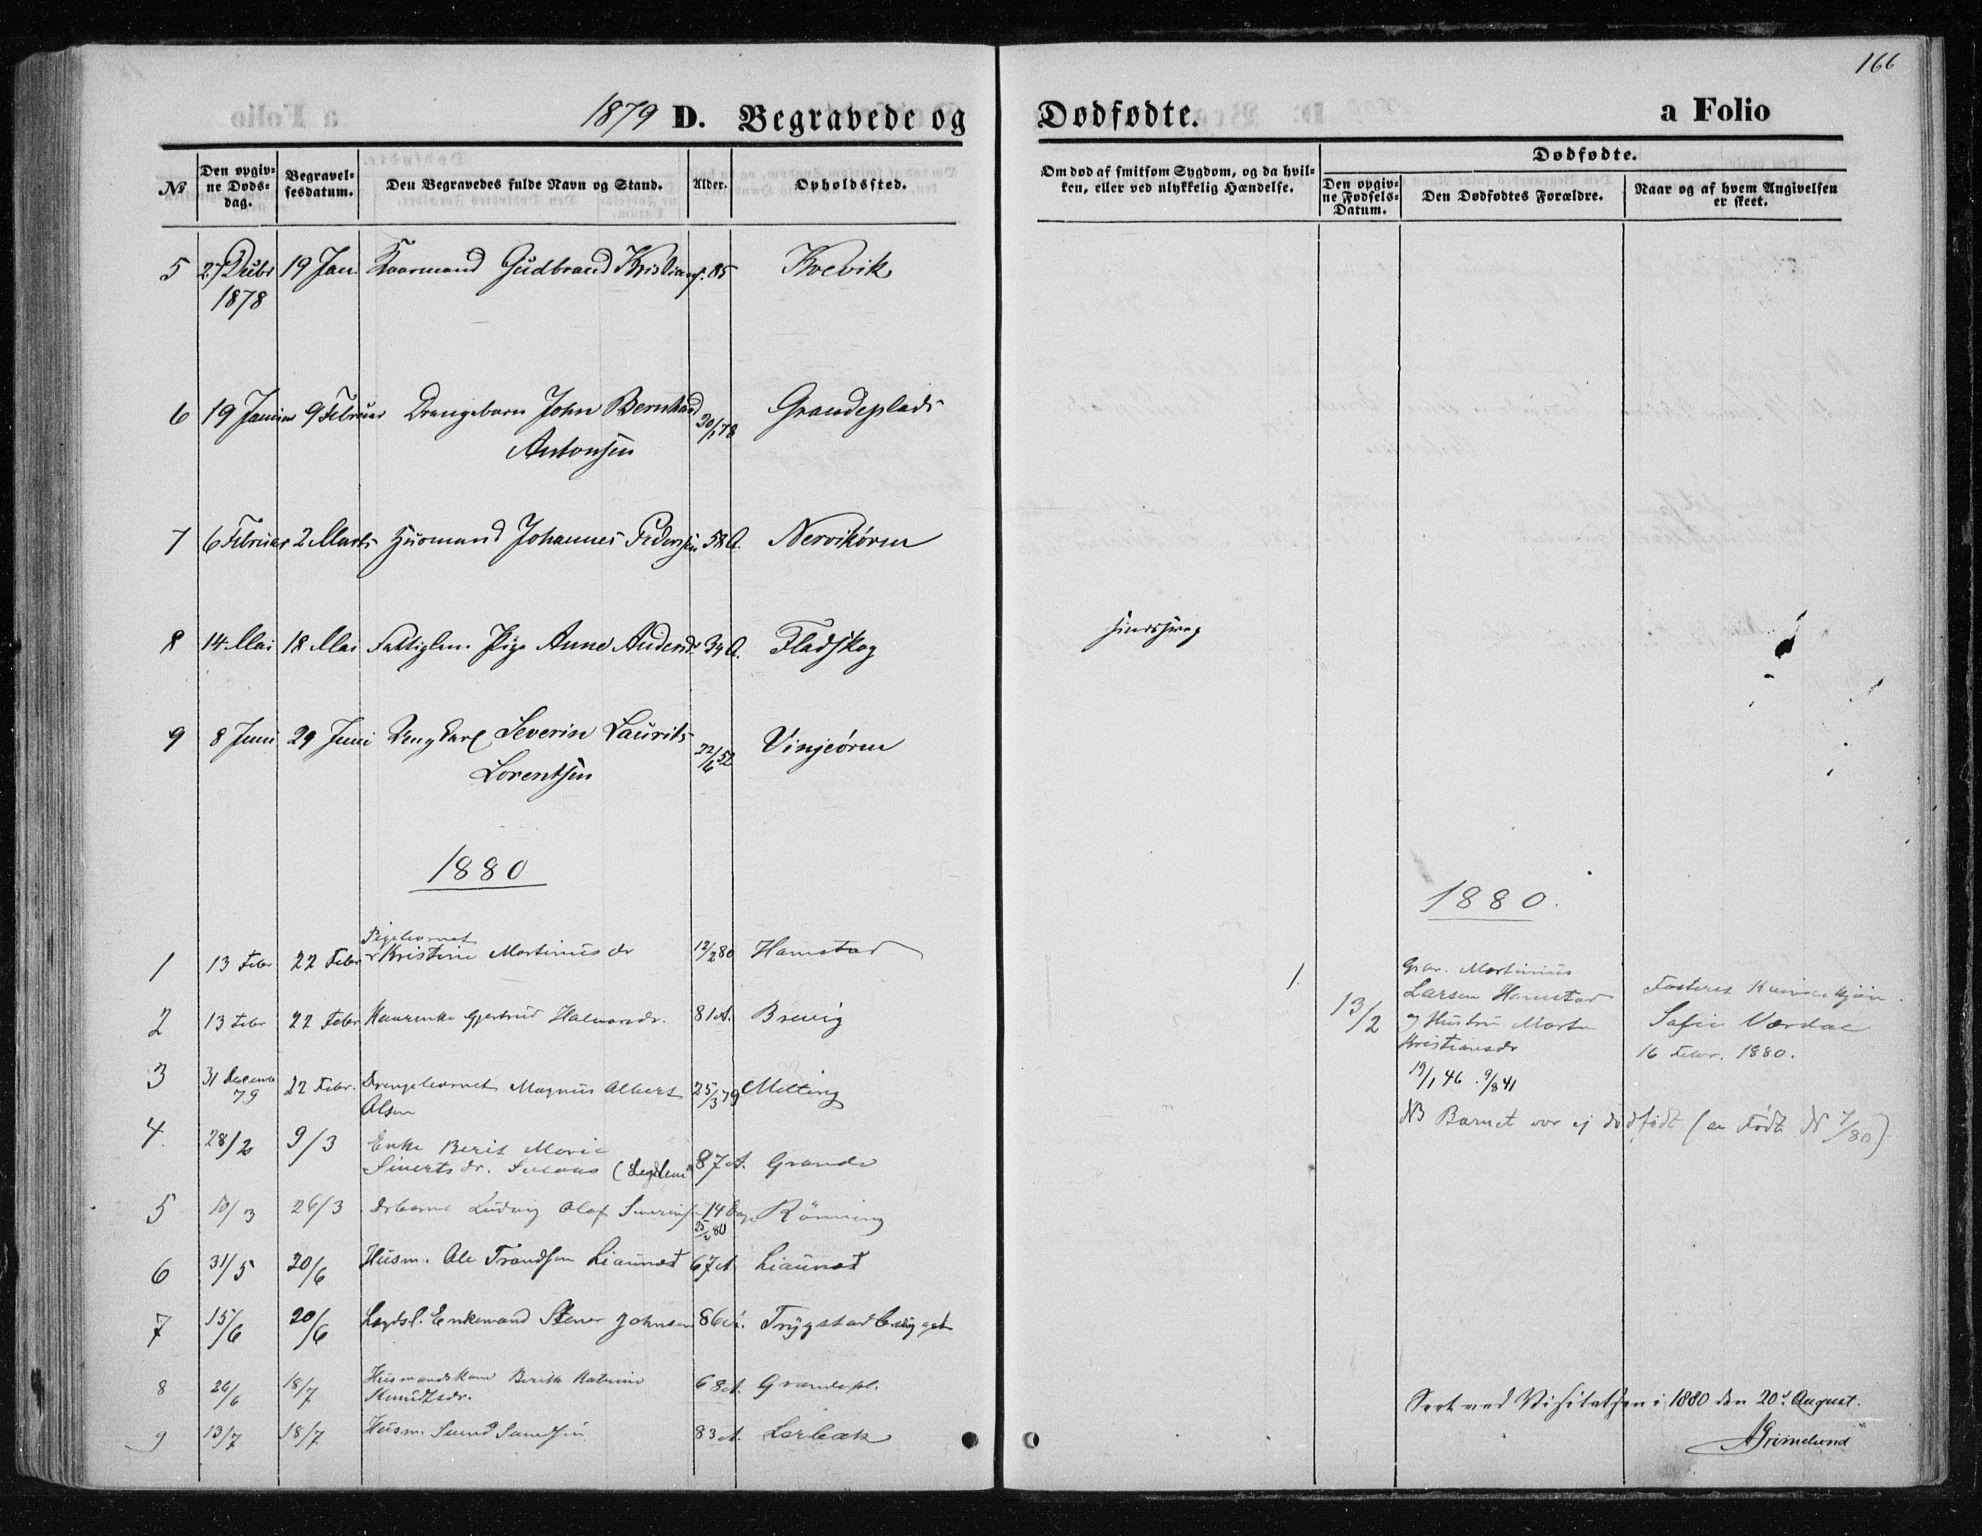 SAT, Ministerialprotokoller, klokkerbøker og fødselsregistre - Nord-Trøndelag, 733/L0324: Ministerialbok nr. 733A03, 1870-1883, s. 166